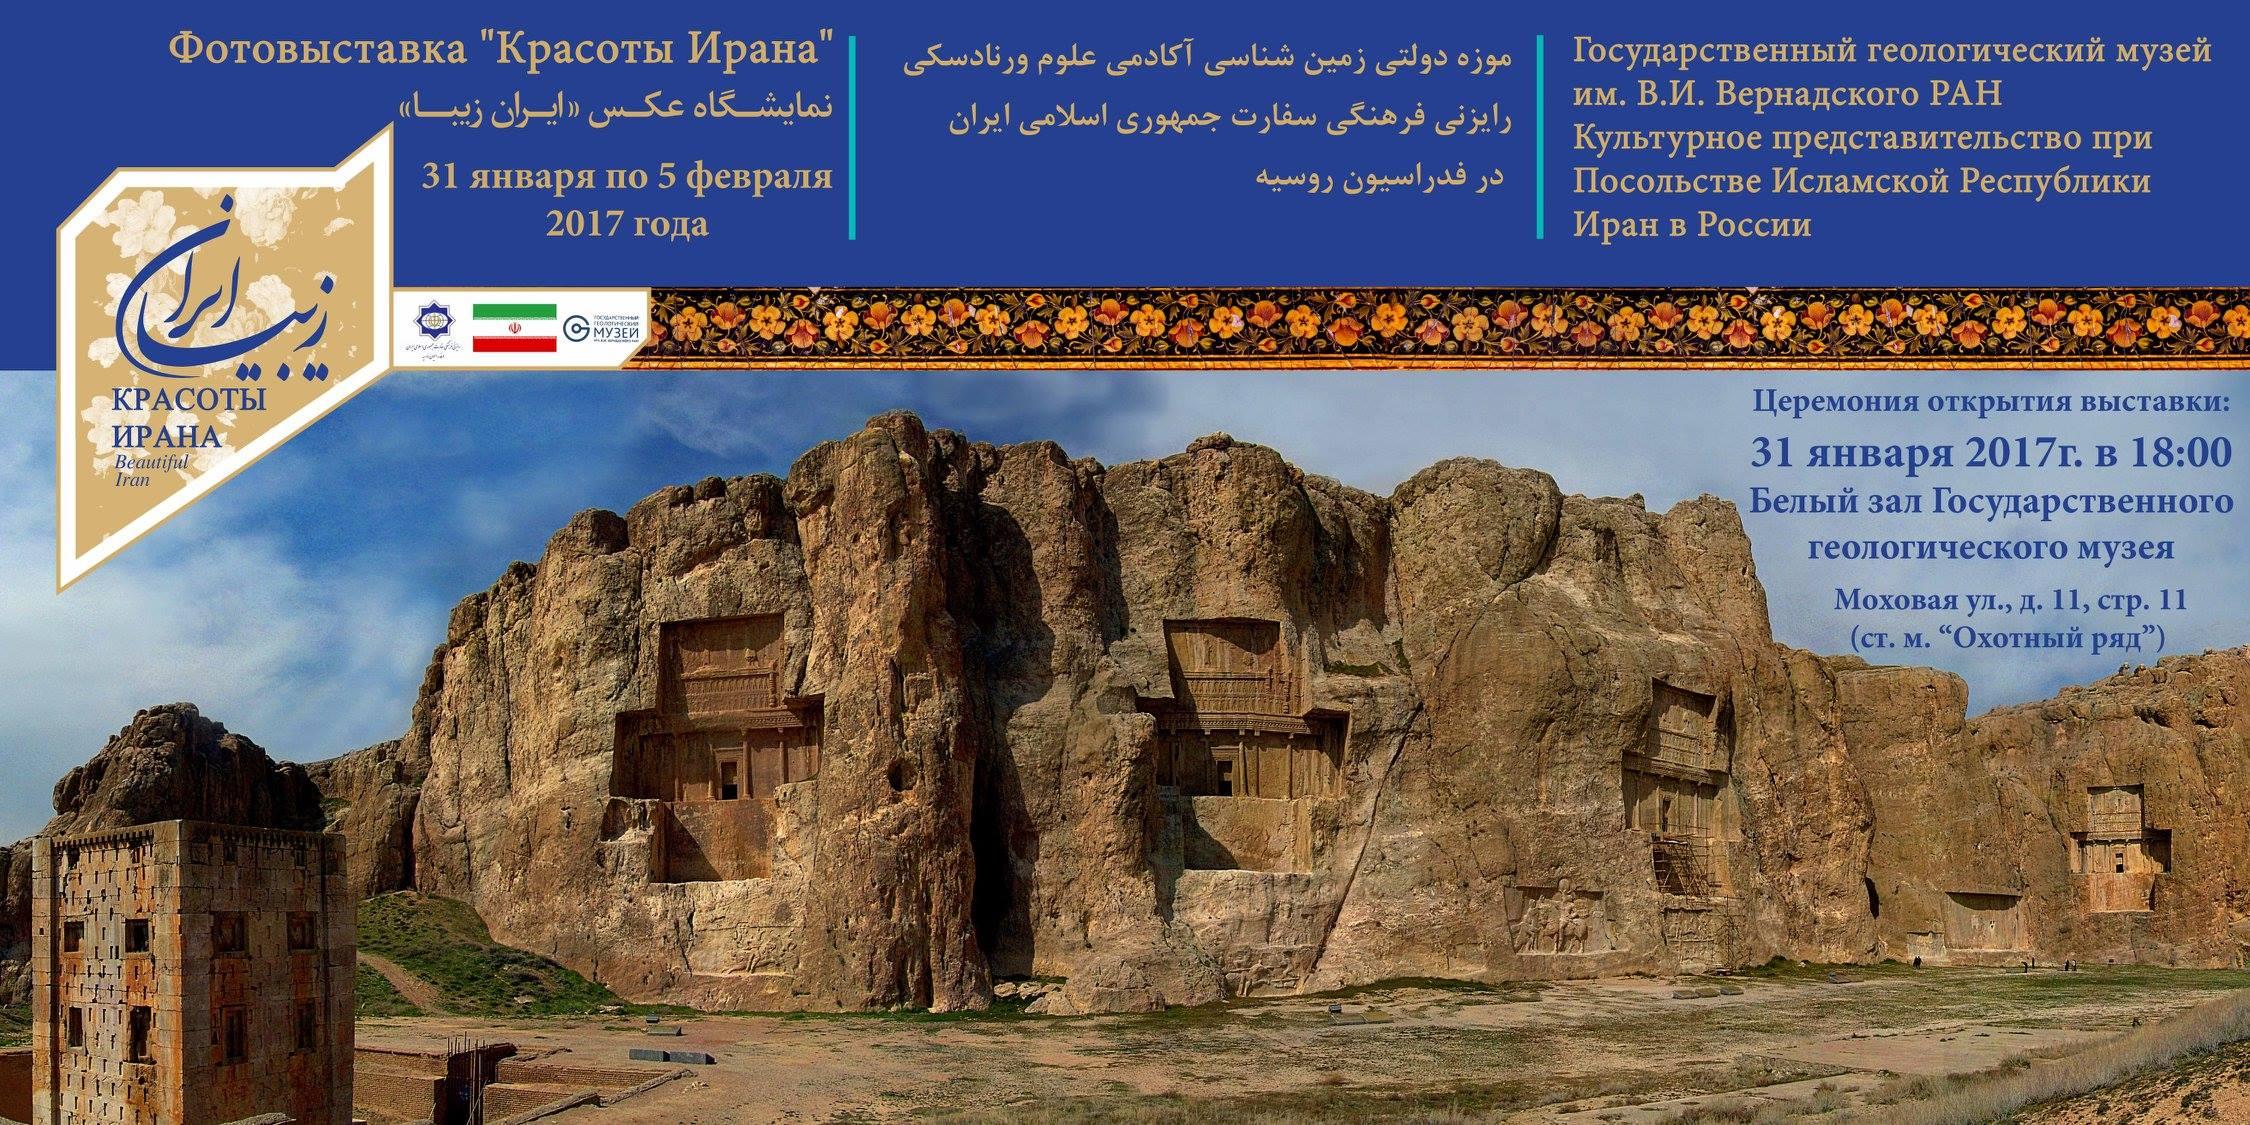 """Фотовыставка """"Красоты Ирана"""" в Москве"""